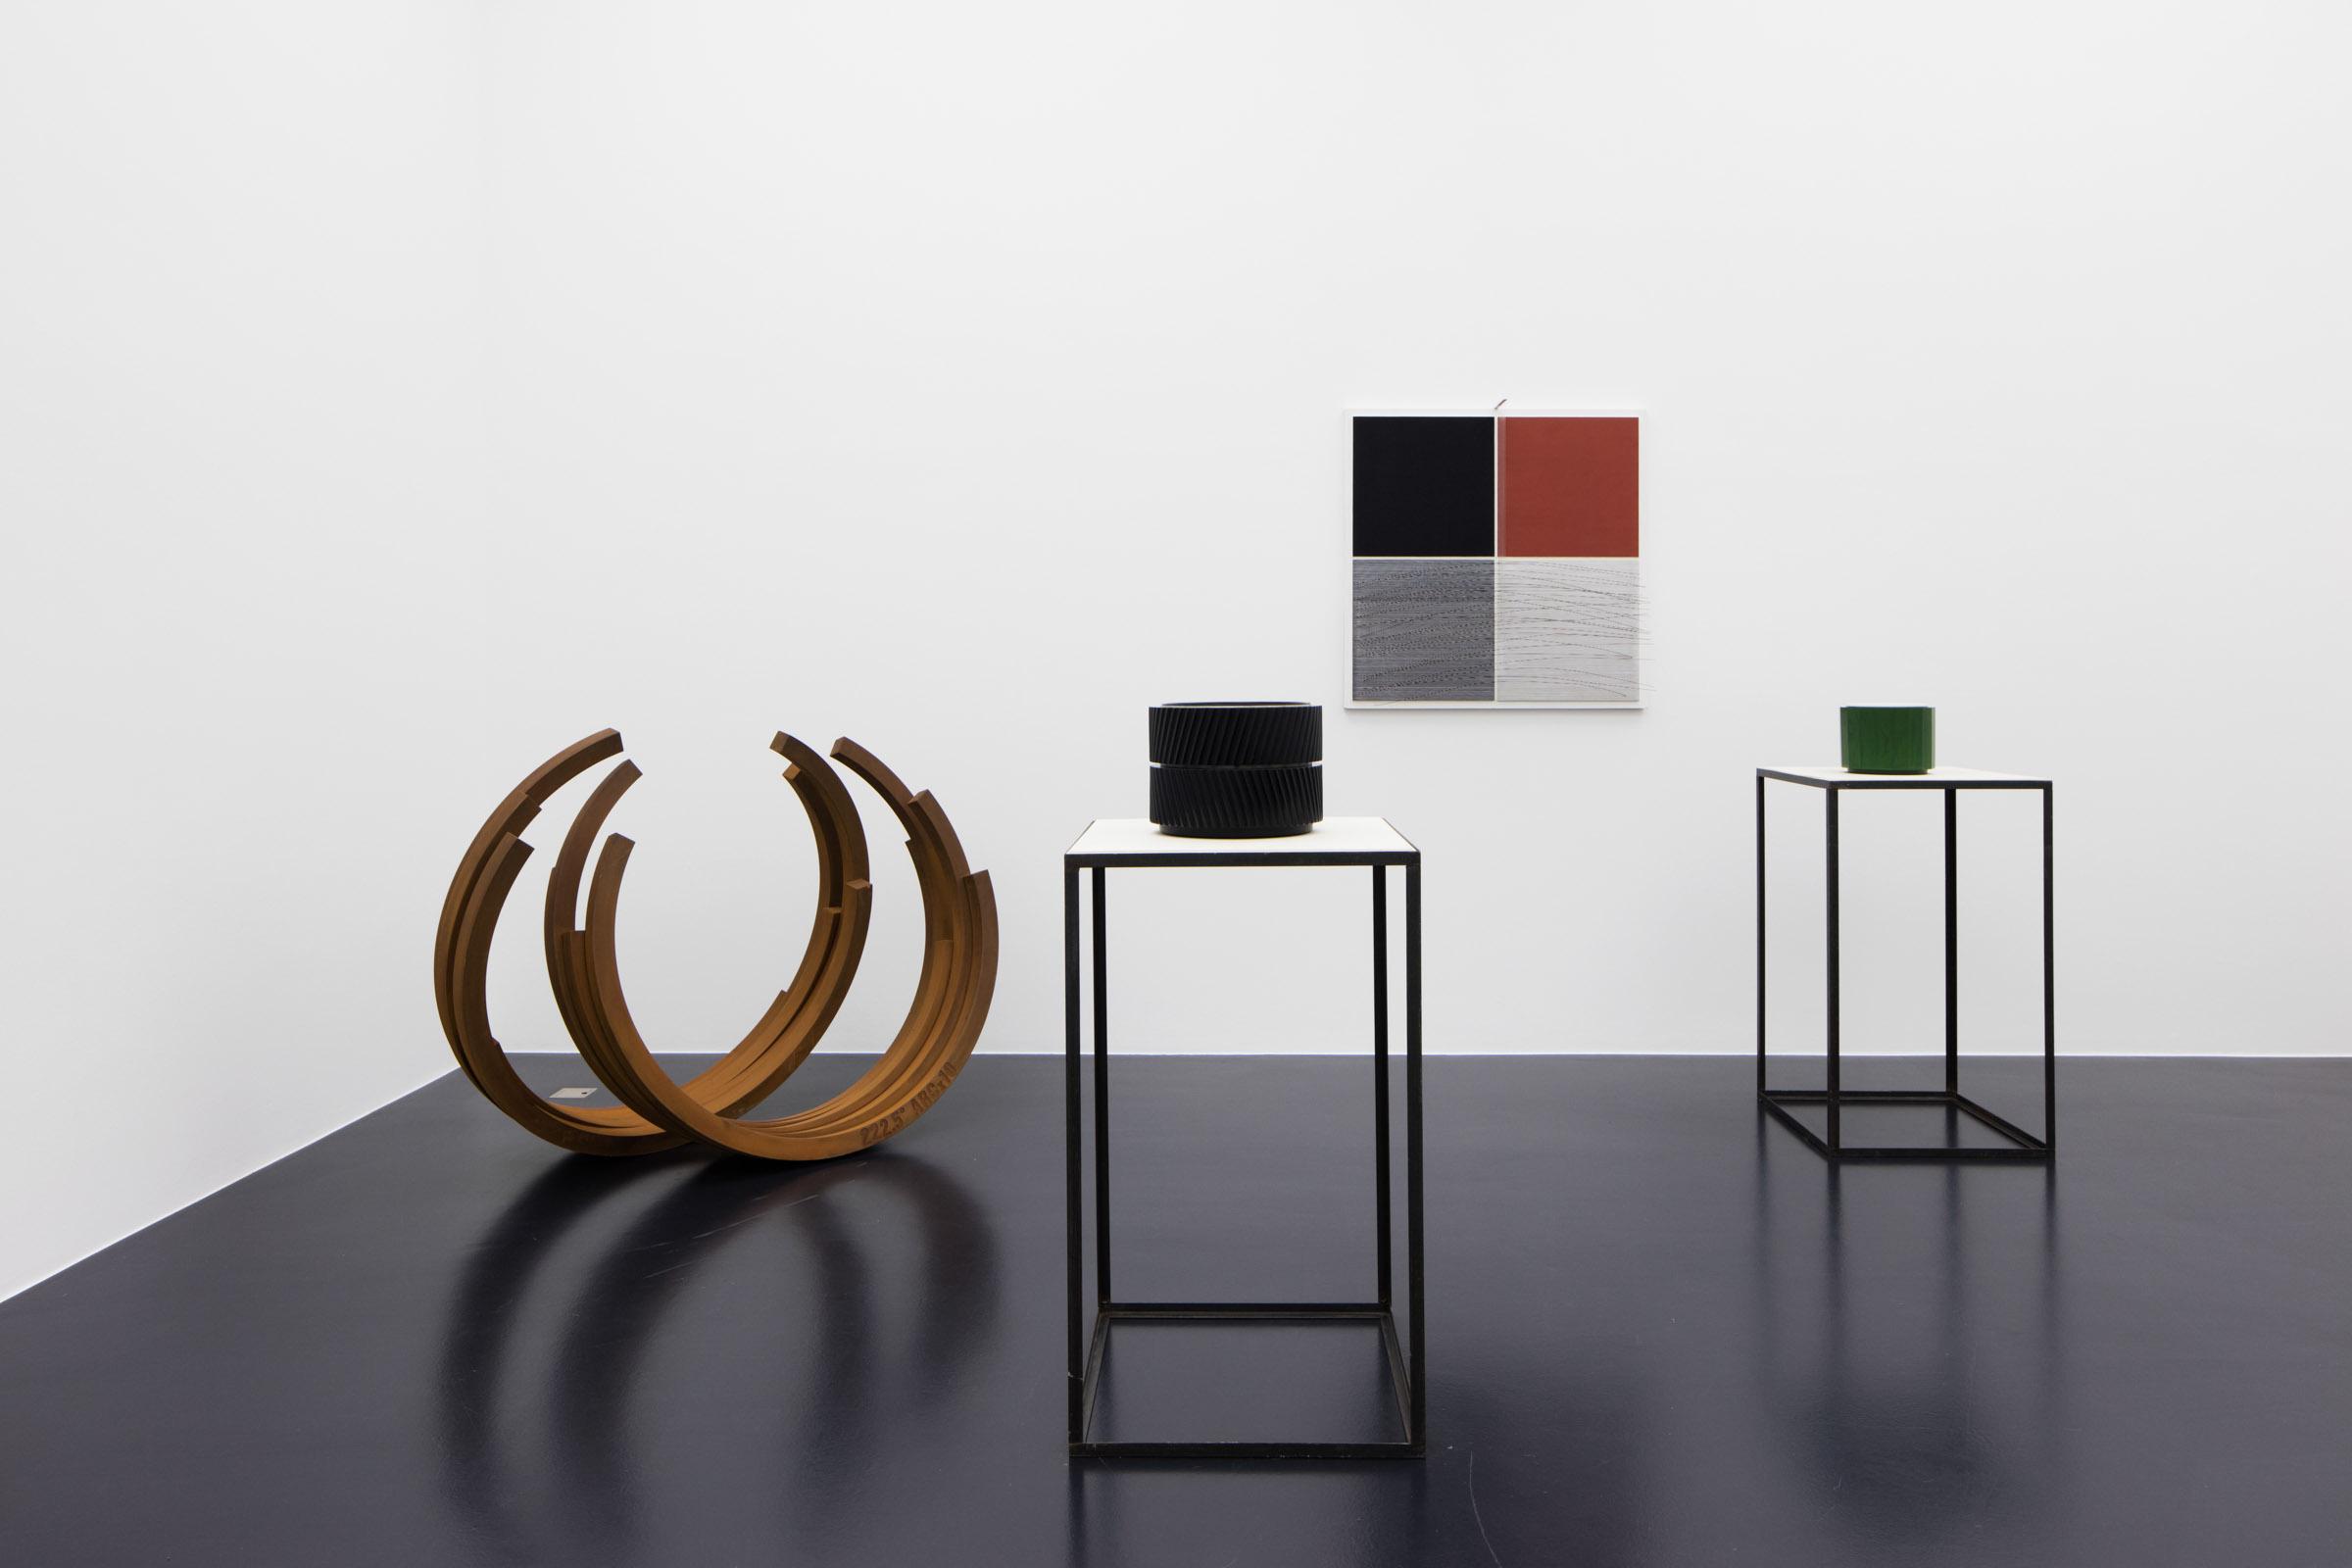 Galerie von Bartha_Anna Dickinson_2016_05_HighRes